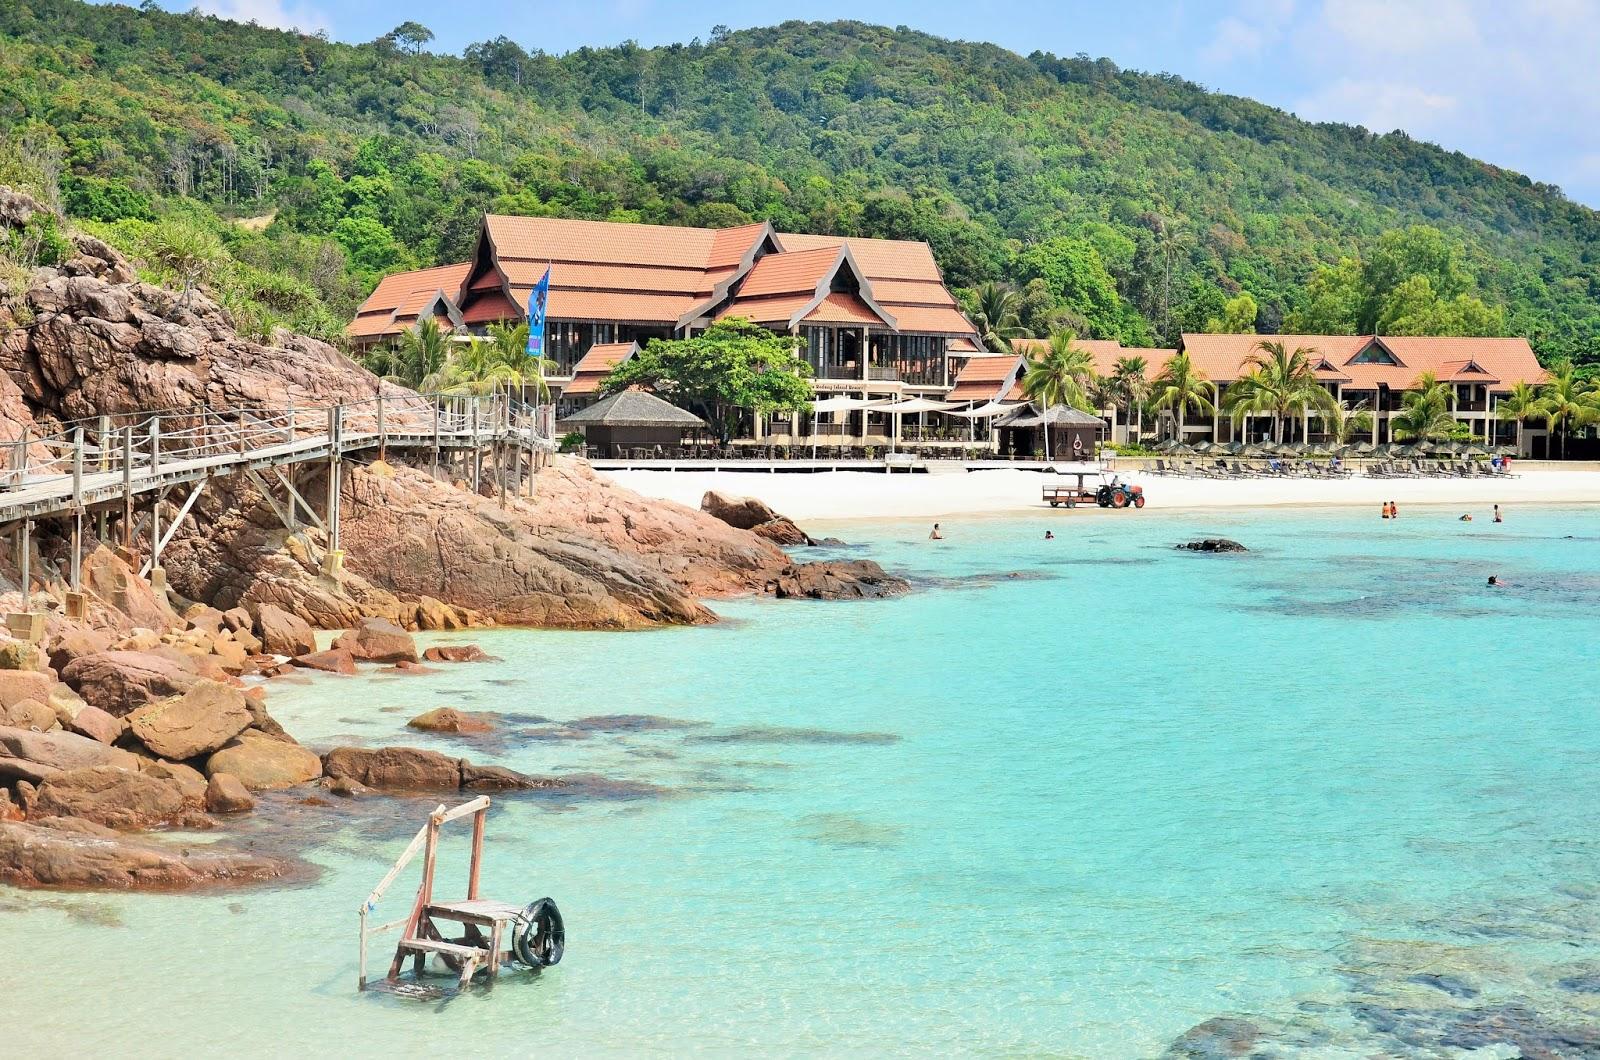 Where to eat at Pulau Redang? - Pulau Redang Forum